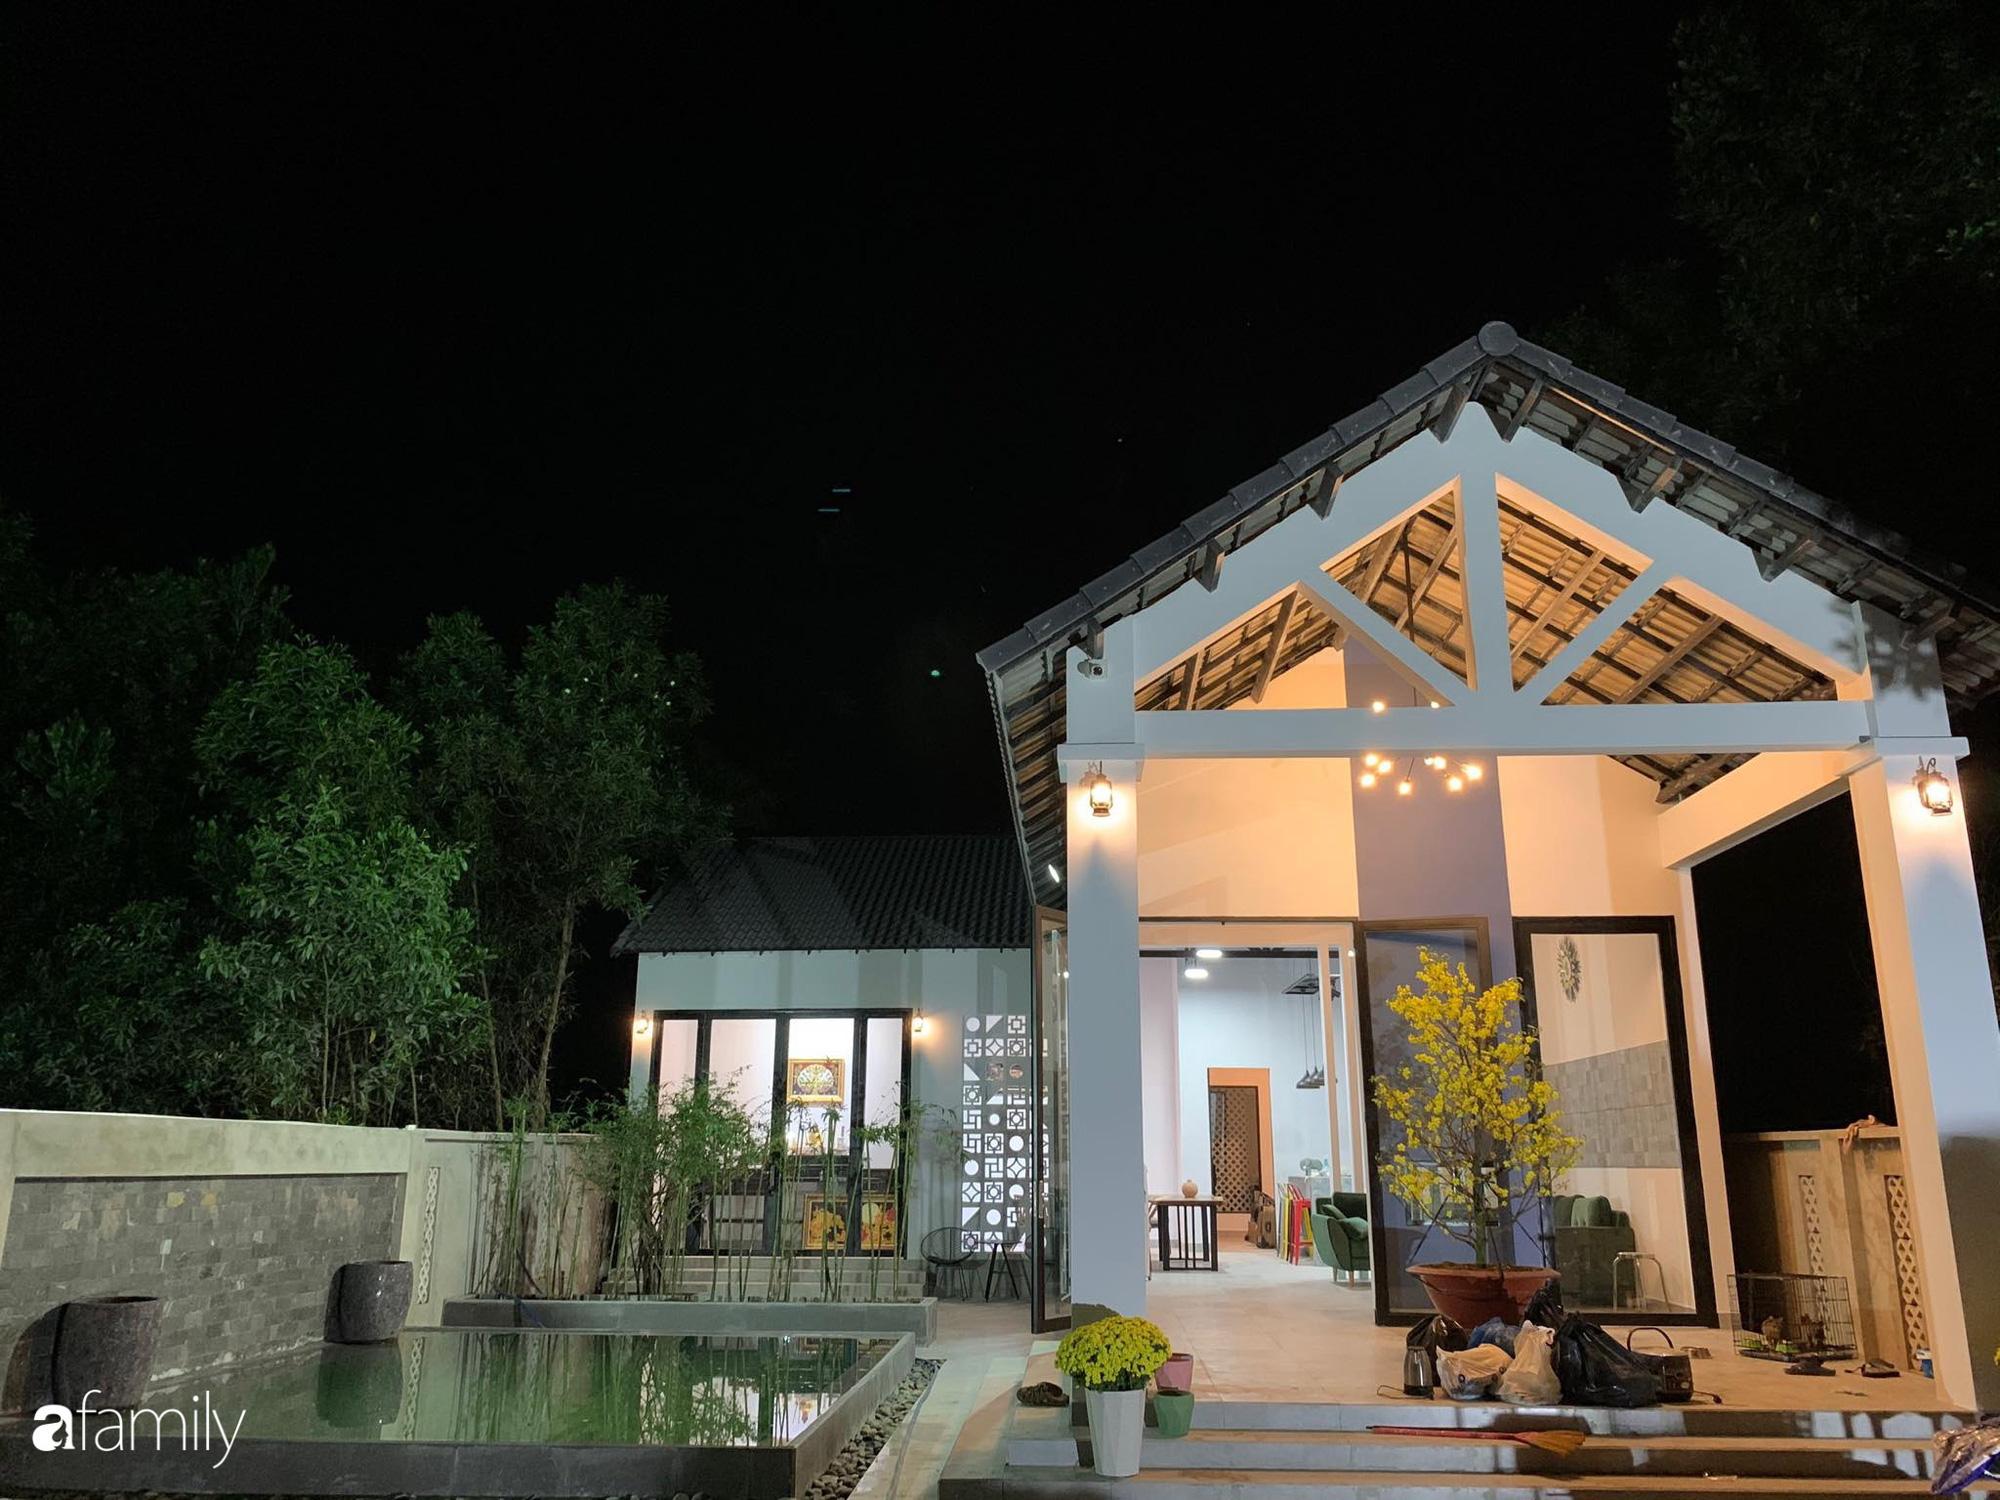 Ngôi nhà rộng 147m2 đẹp như resort củ chàng tri 24 tuổi ấp ủ hoàn thành ước mơ ở Tây Ninh - Ảnh 4.